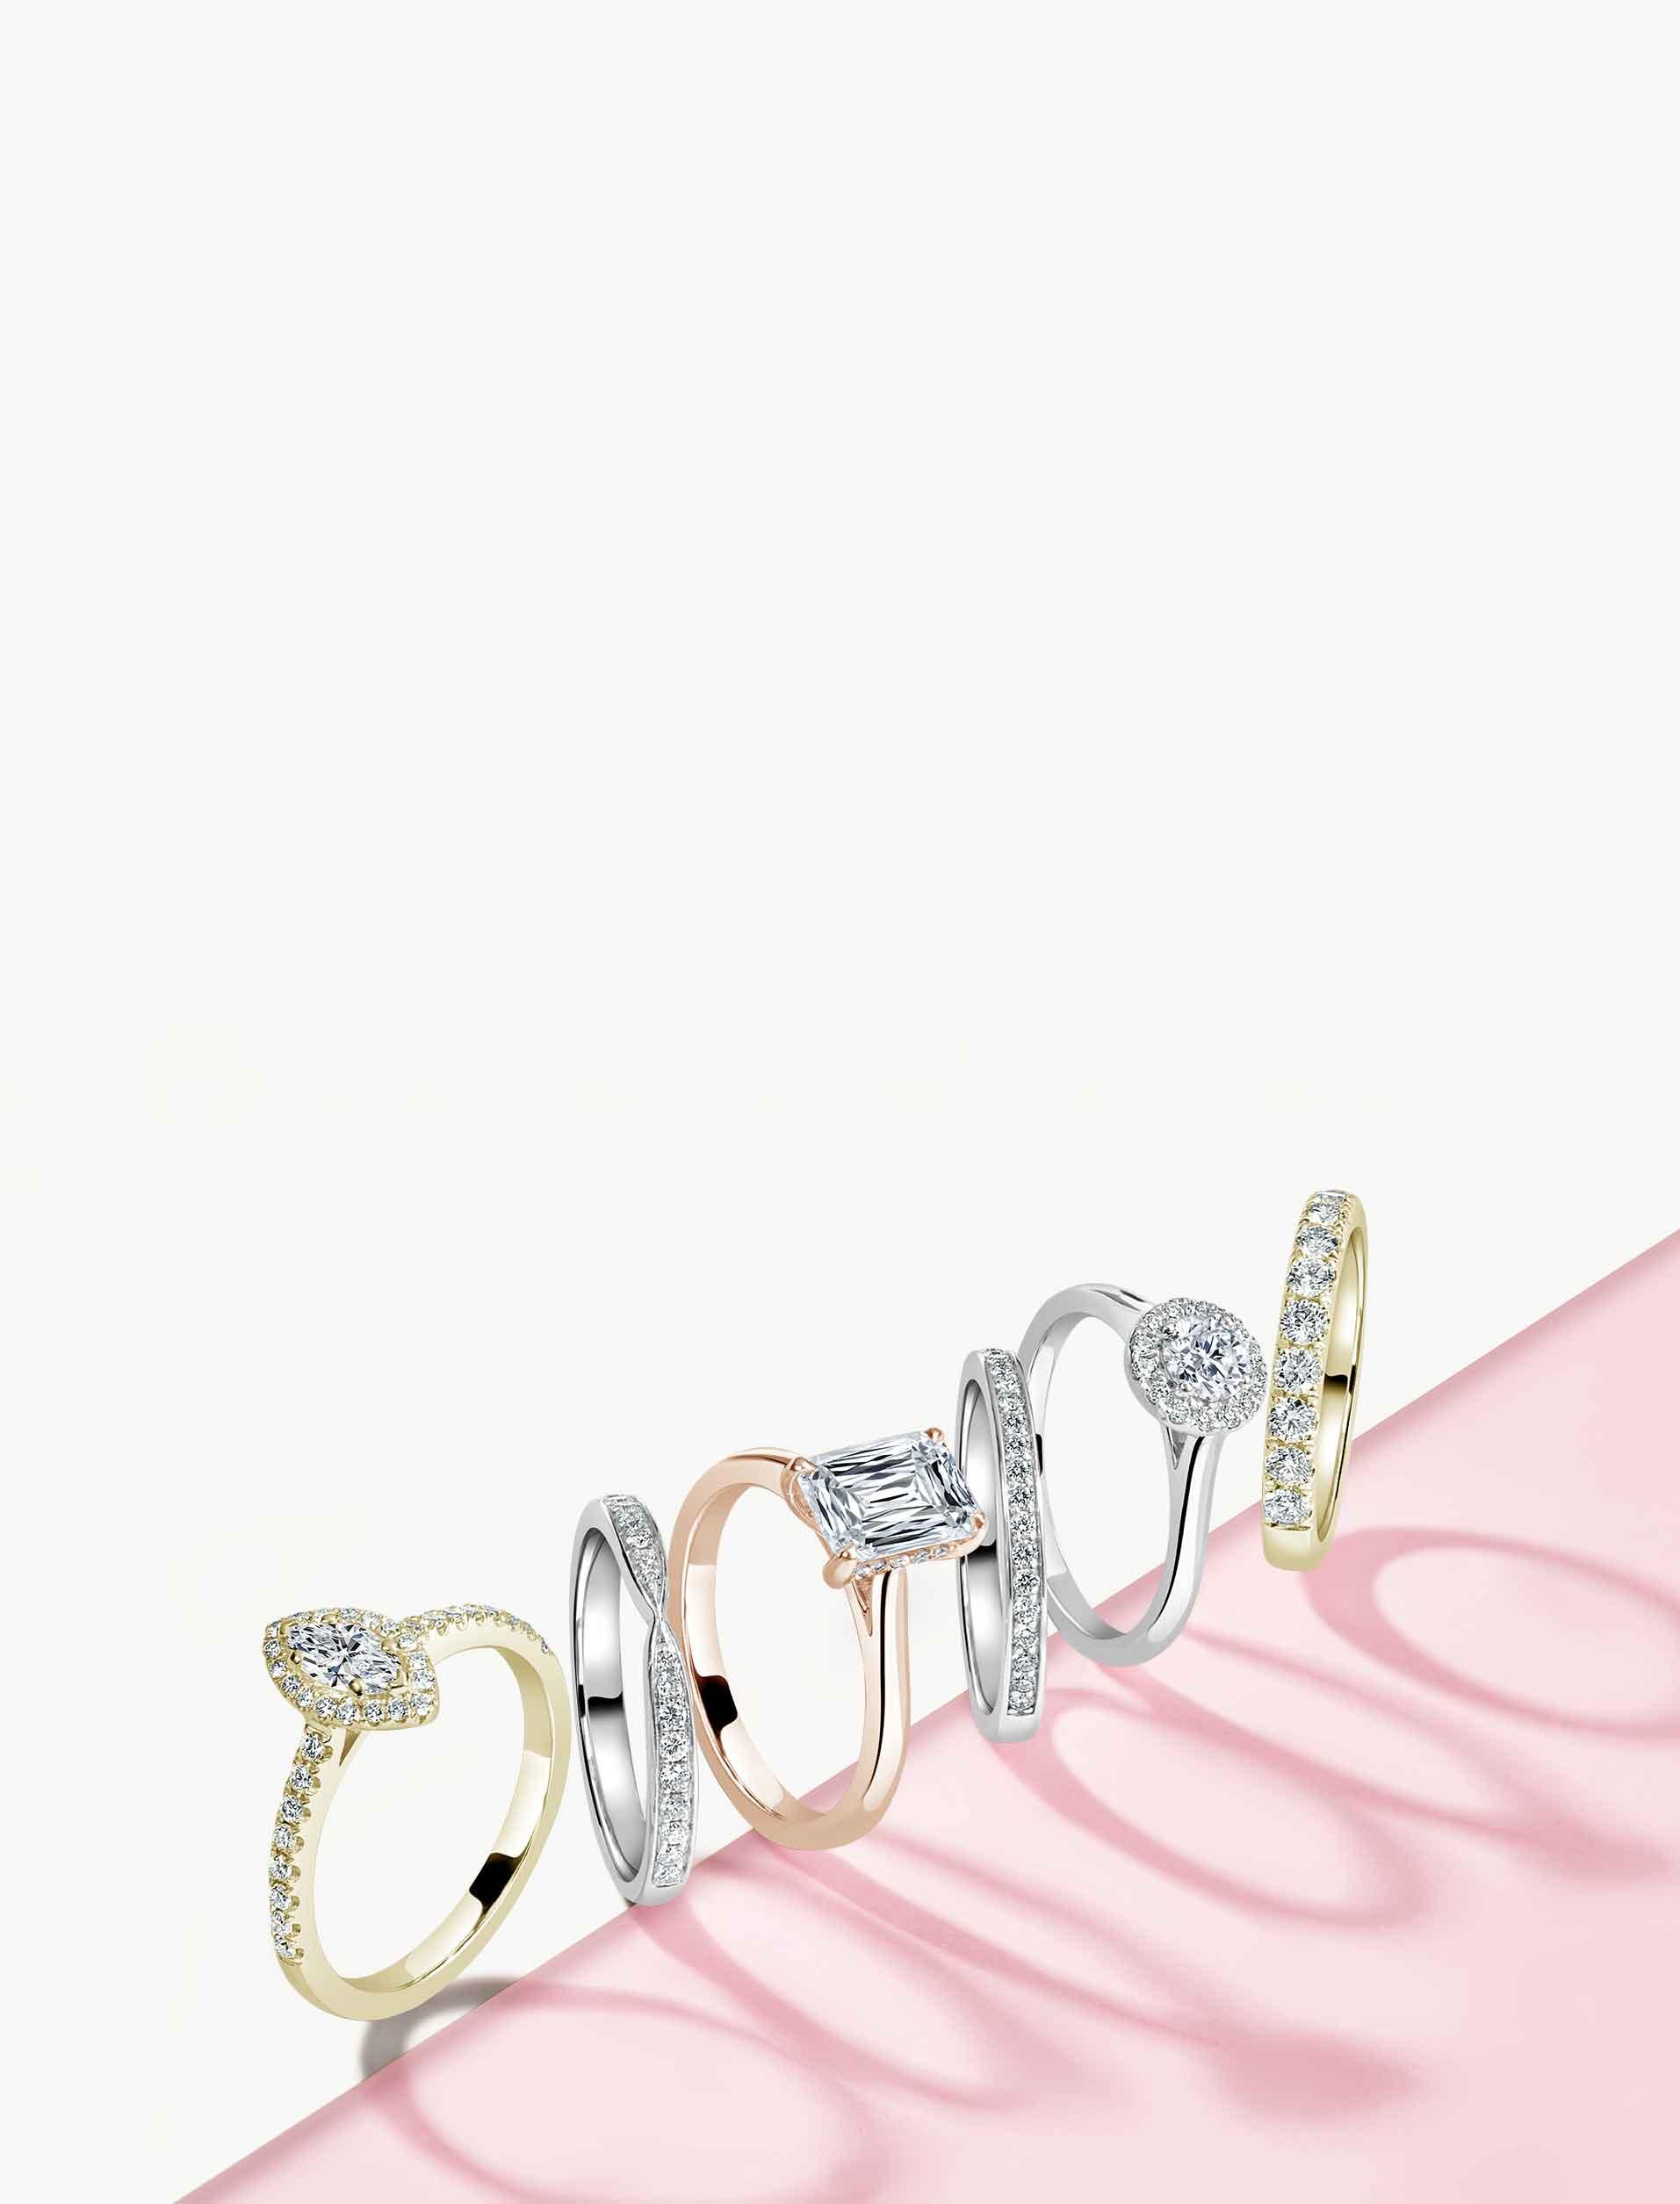 Rose Gold 3 Stone Engagement Rings - Steven Stone